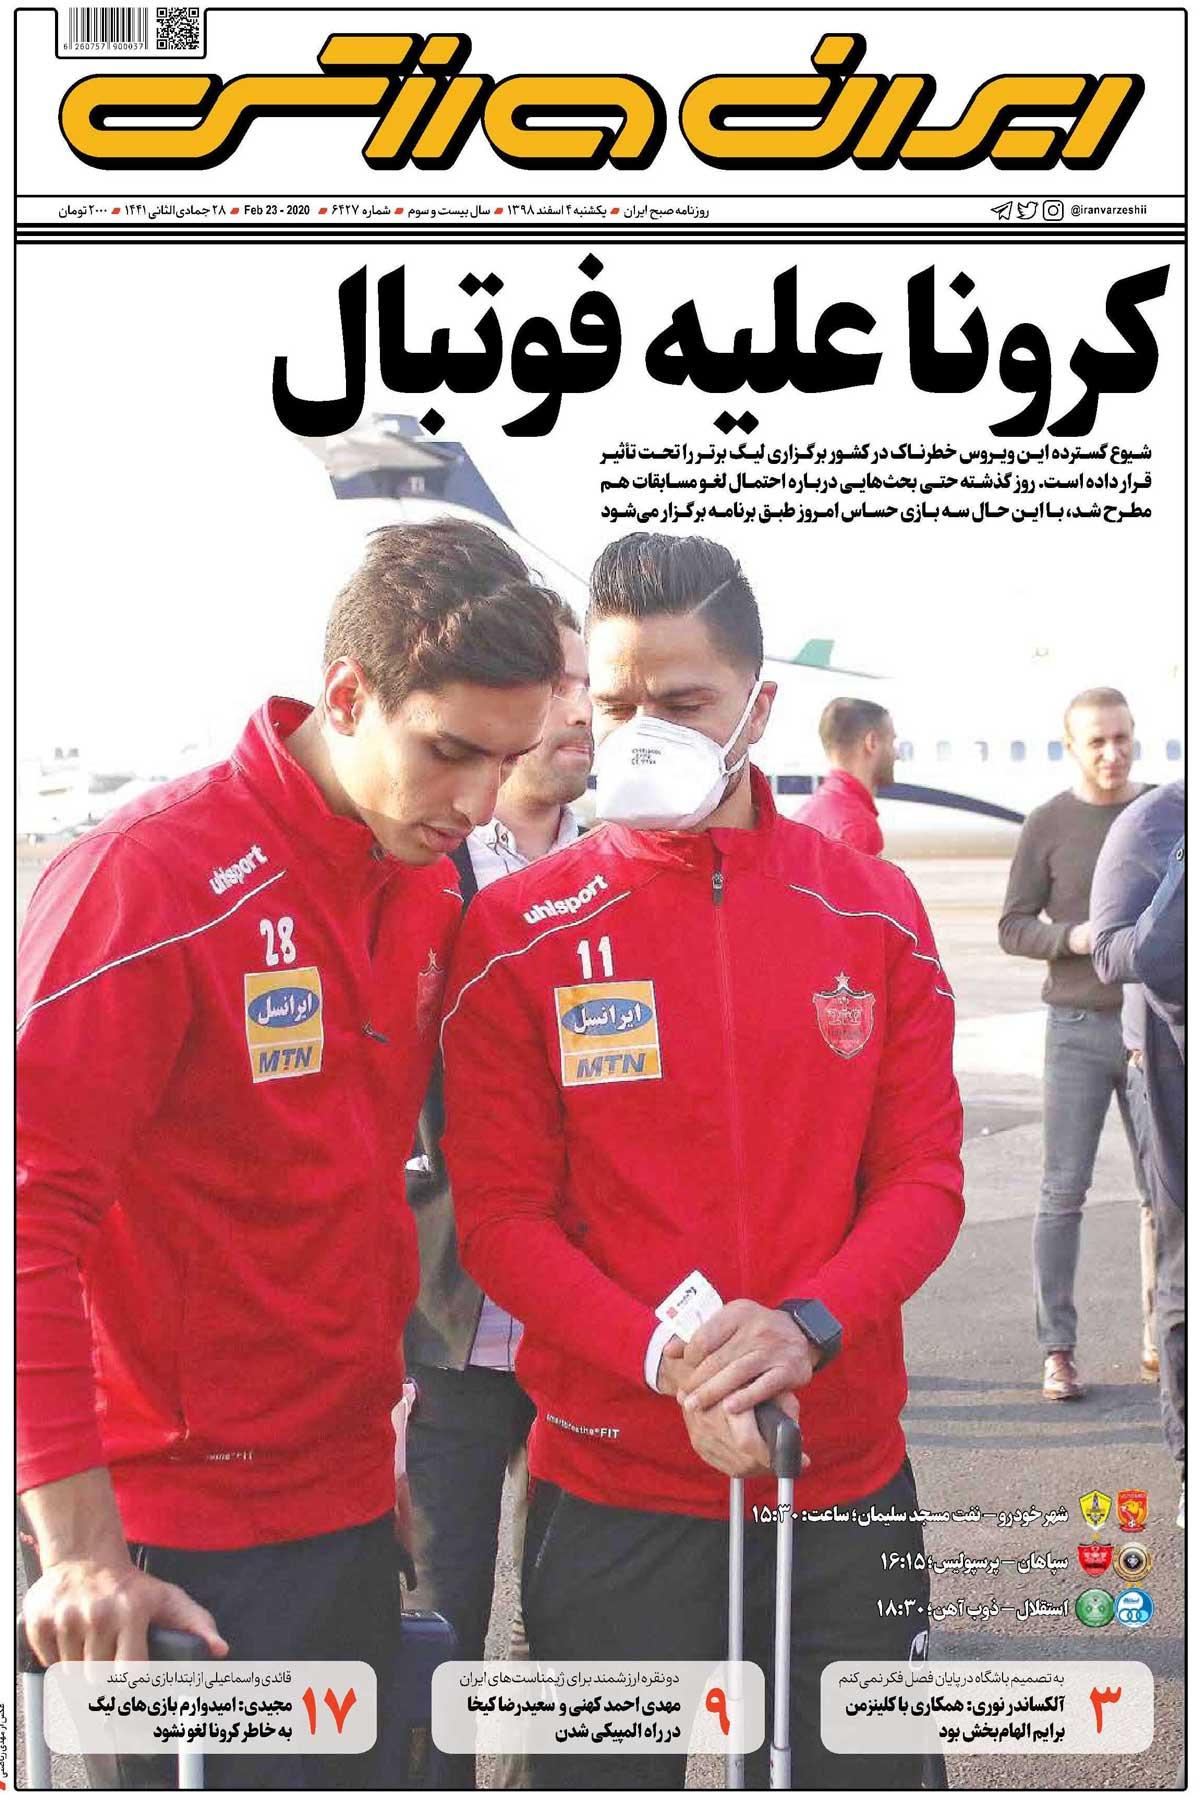 صفحه اول روزنامه ایرانورزشی یکشنبه ۴ اسفند ۹۸